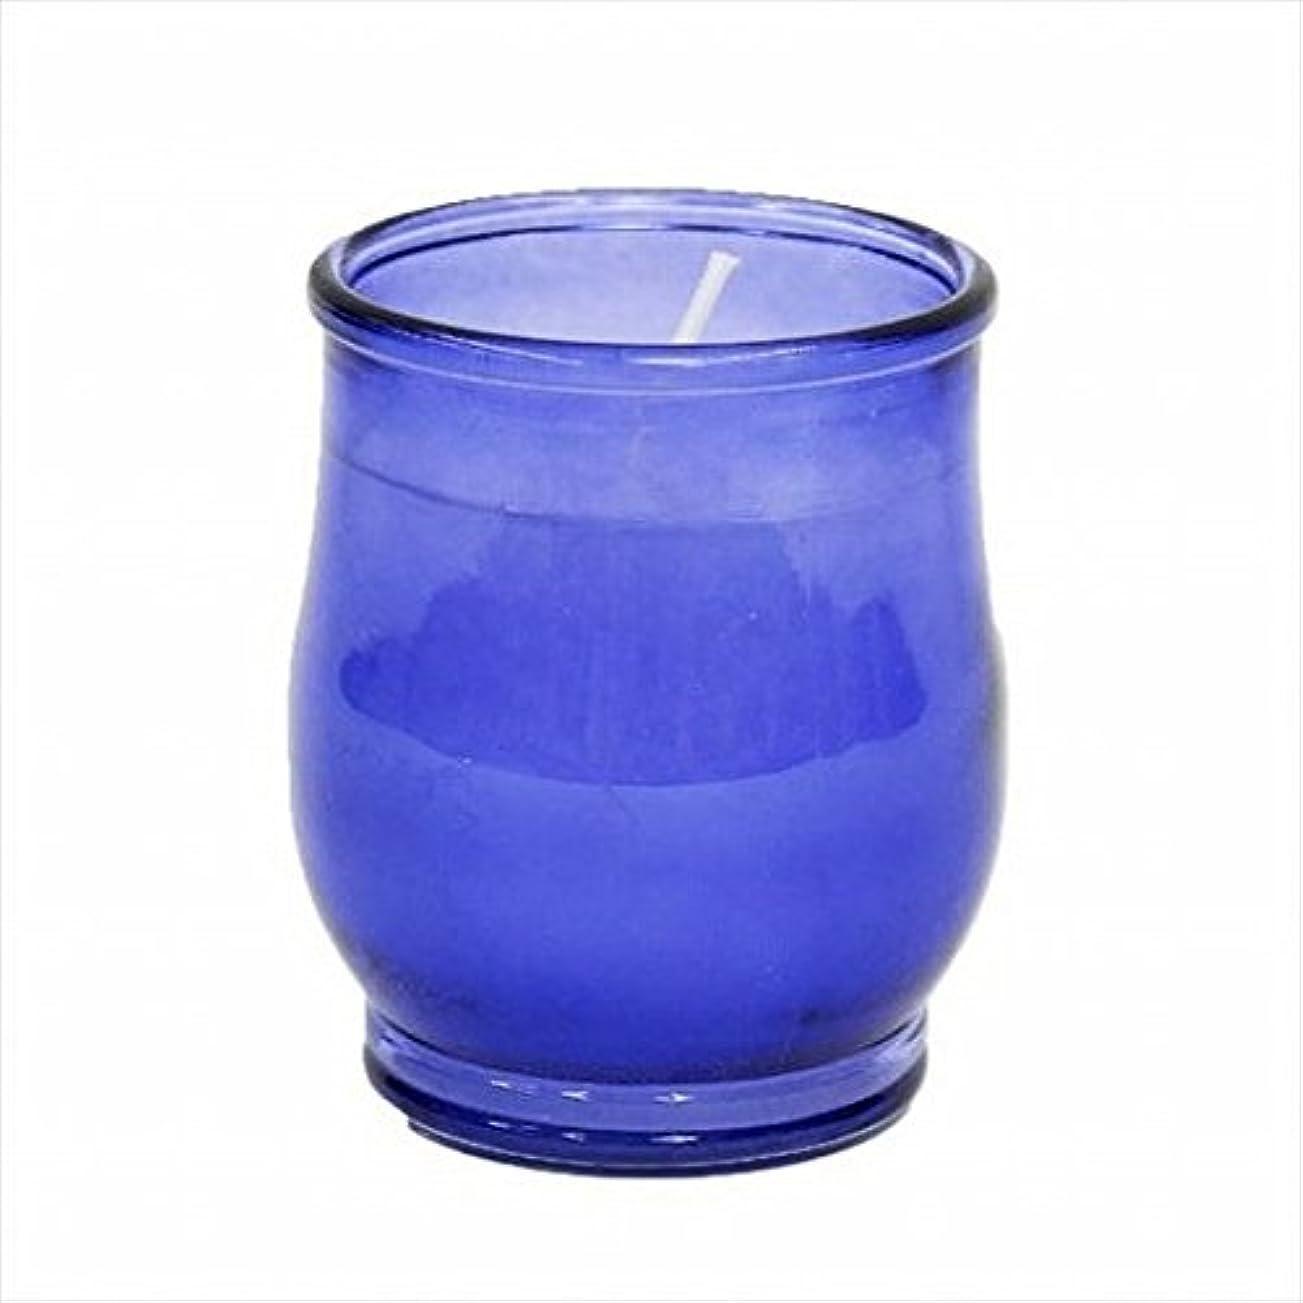 ナプキン気がついて十分なkameyama candle(カメヤマキャンドル) ポシェ(非常用コップローソク) 「 ブルー(ライトカラー) 」 キャンドル 68x68x80mm (73020030B)